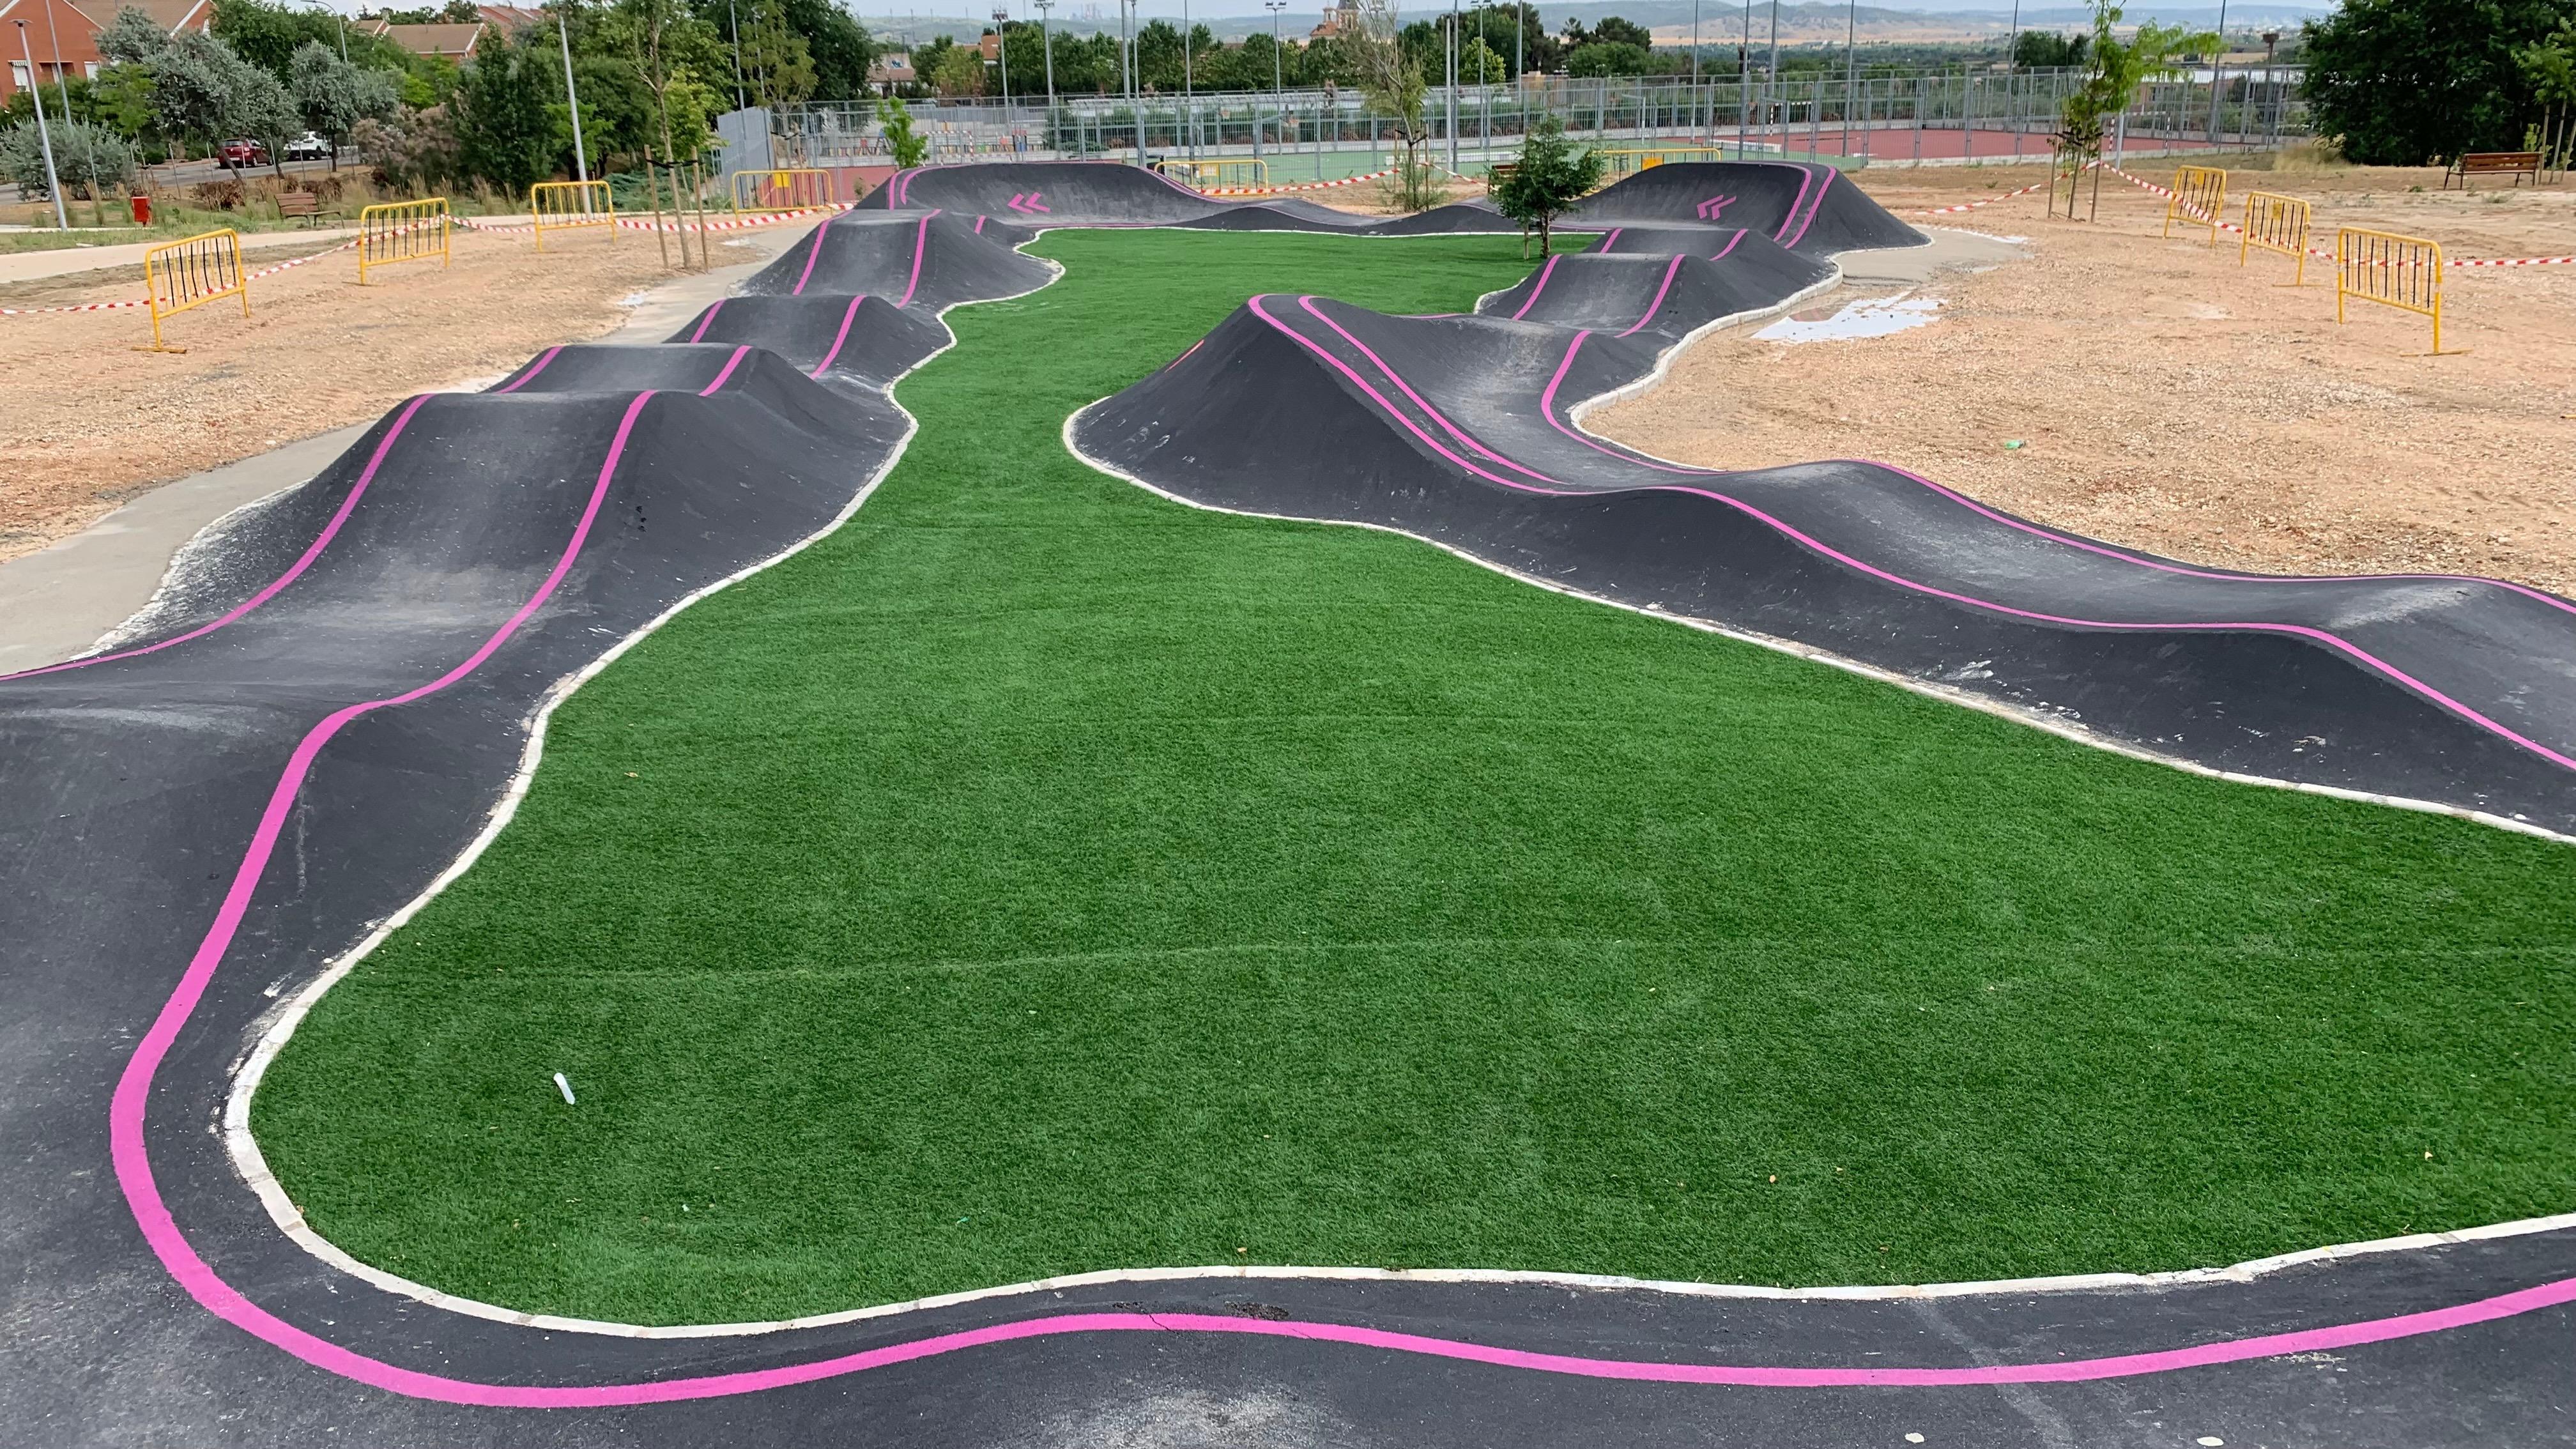 Nuevo circuito de pump track: ¿quieres estrenarlo?